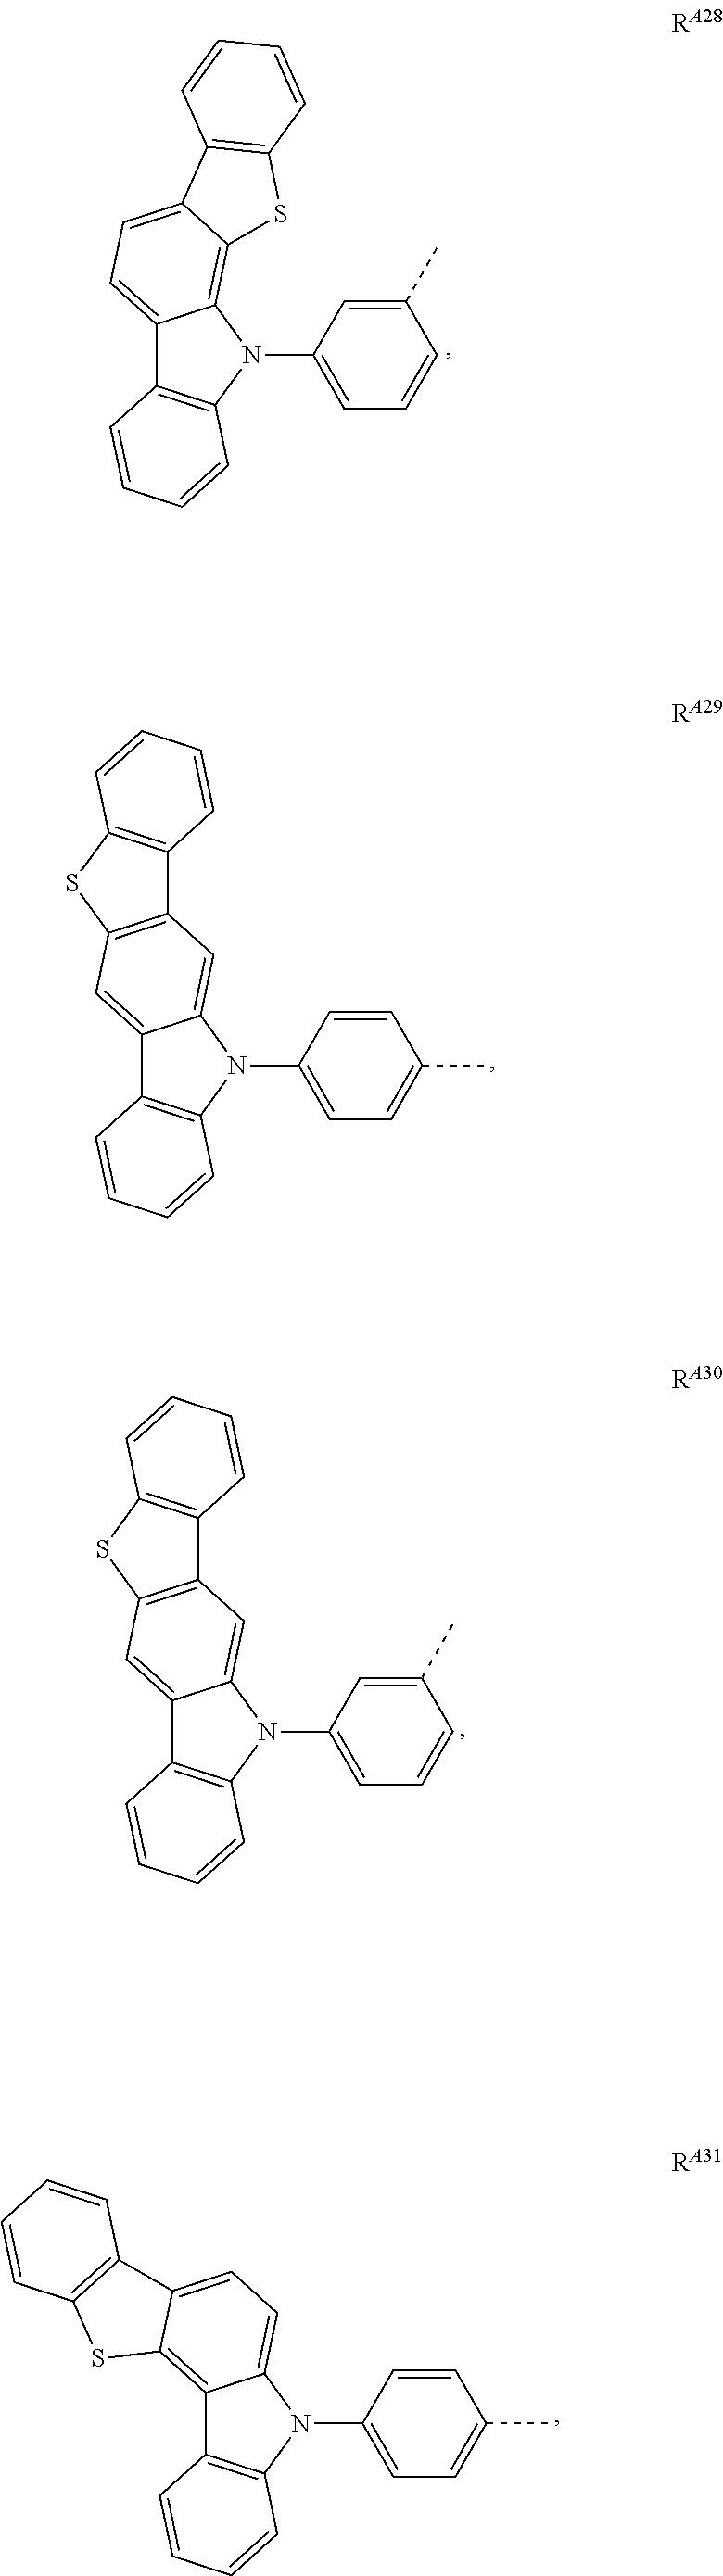 Figure US09761814-20170912-C00010